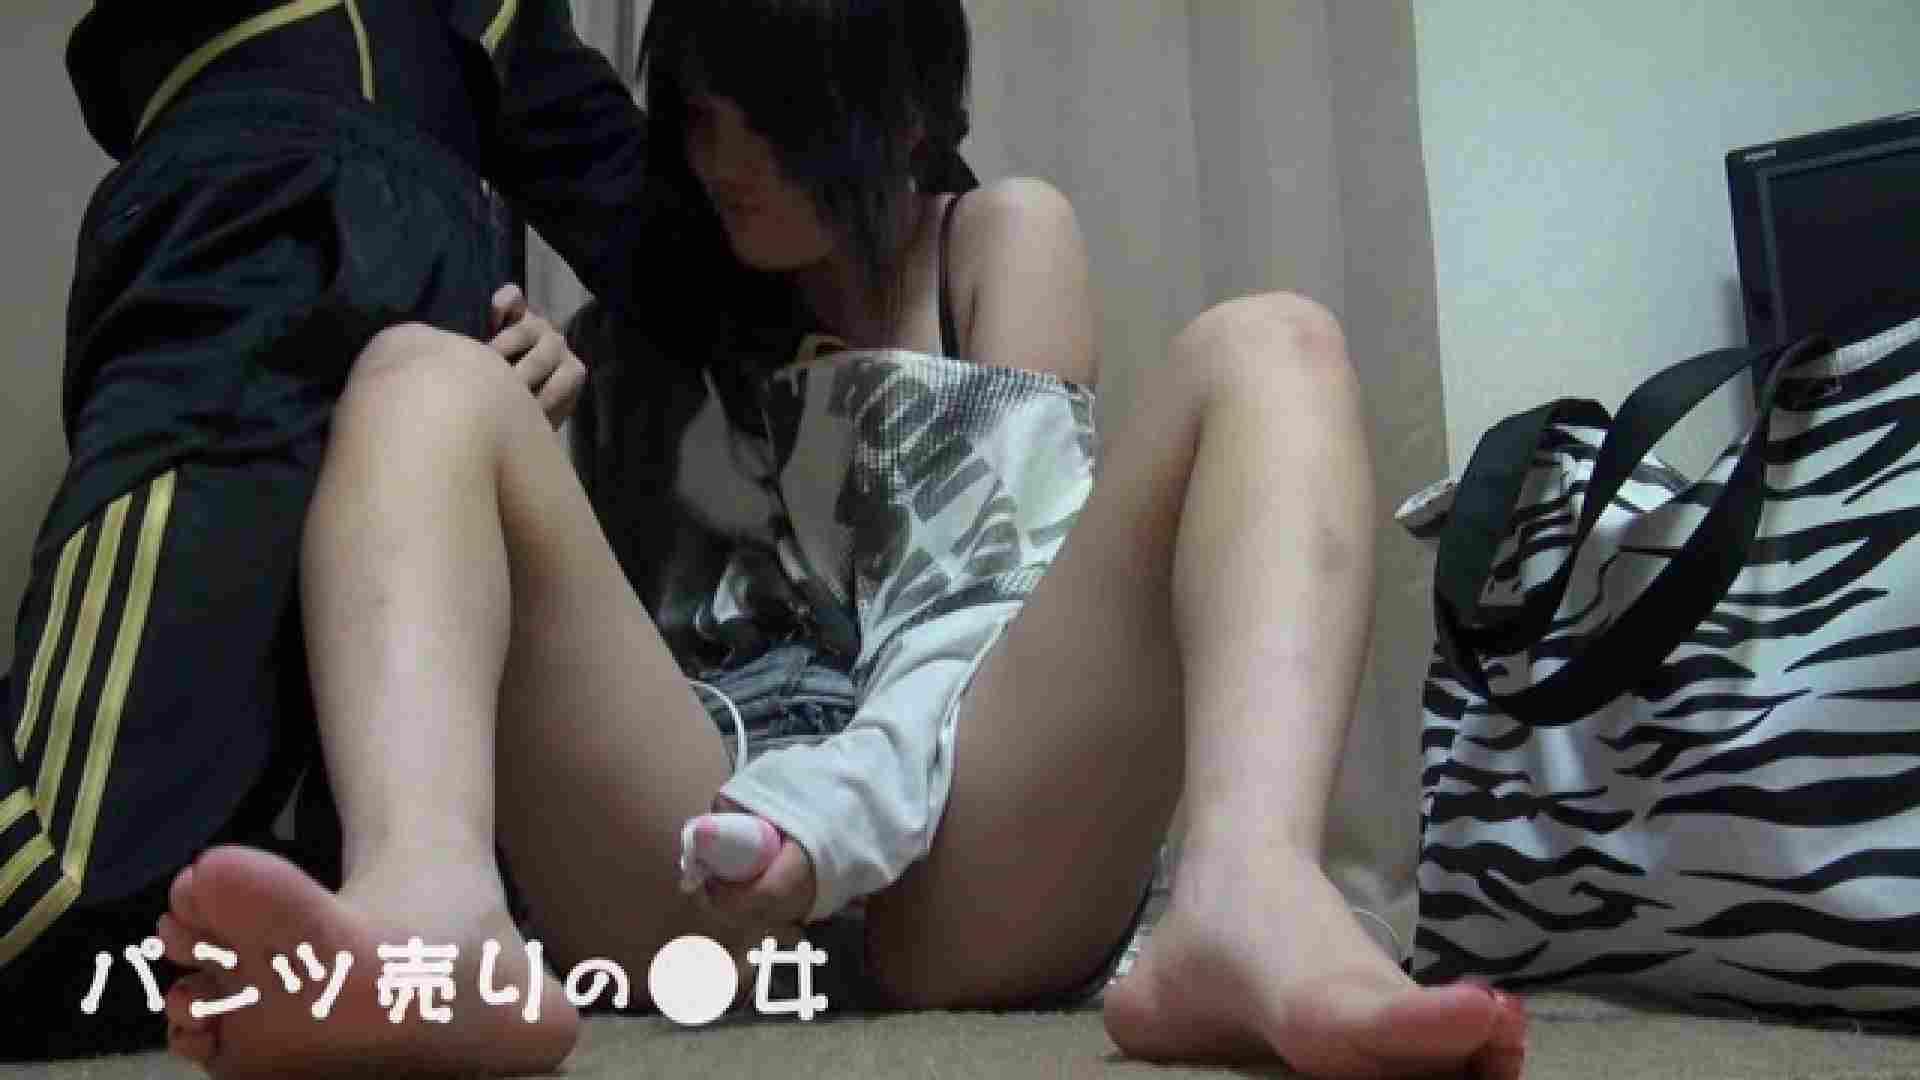 新説 パンツ売りの女の子mizuki02 覗き | 超エロギャル  89枚 46